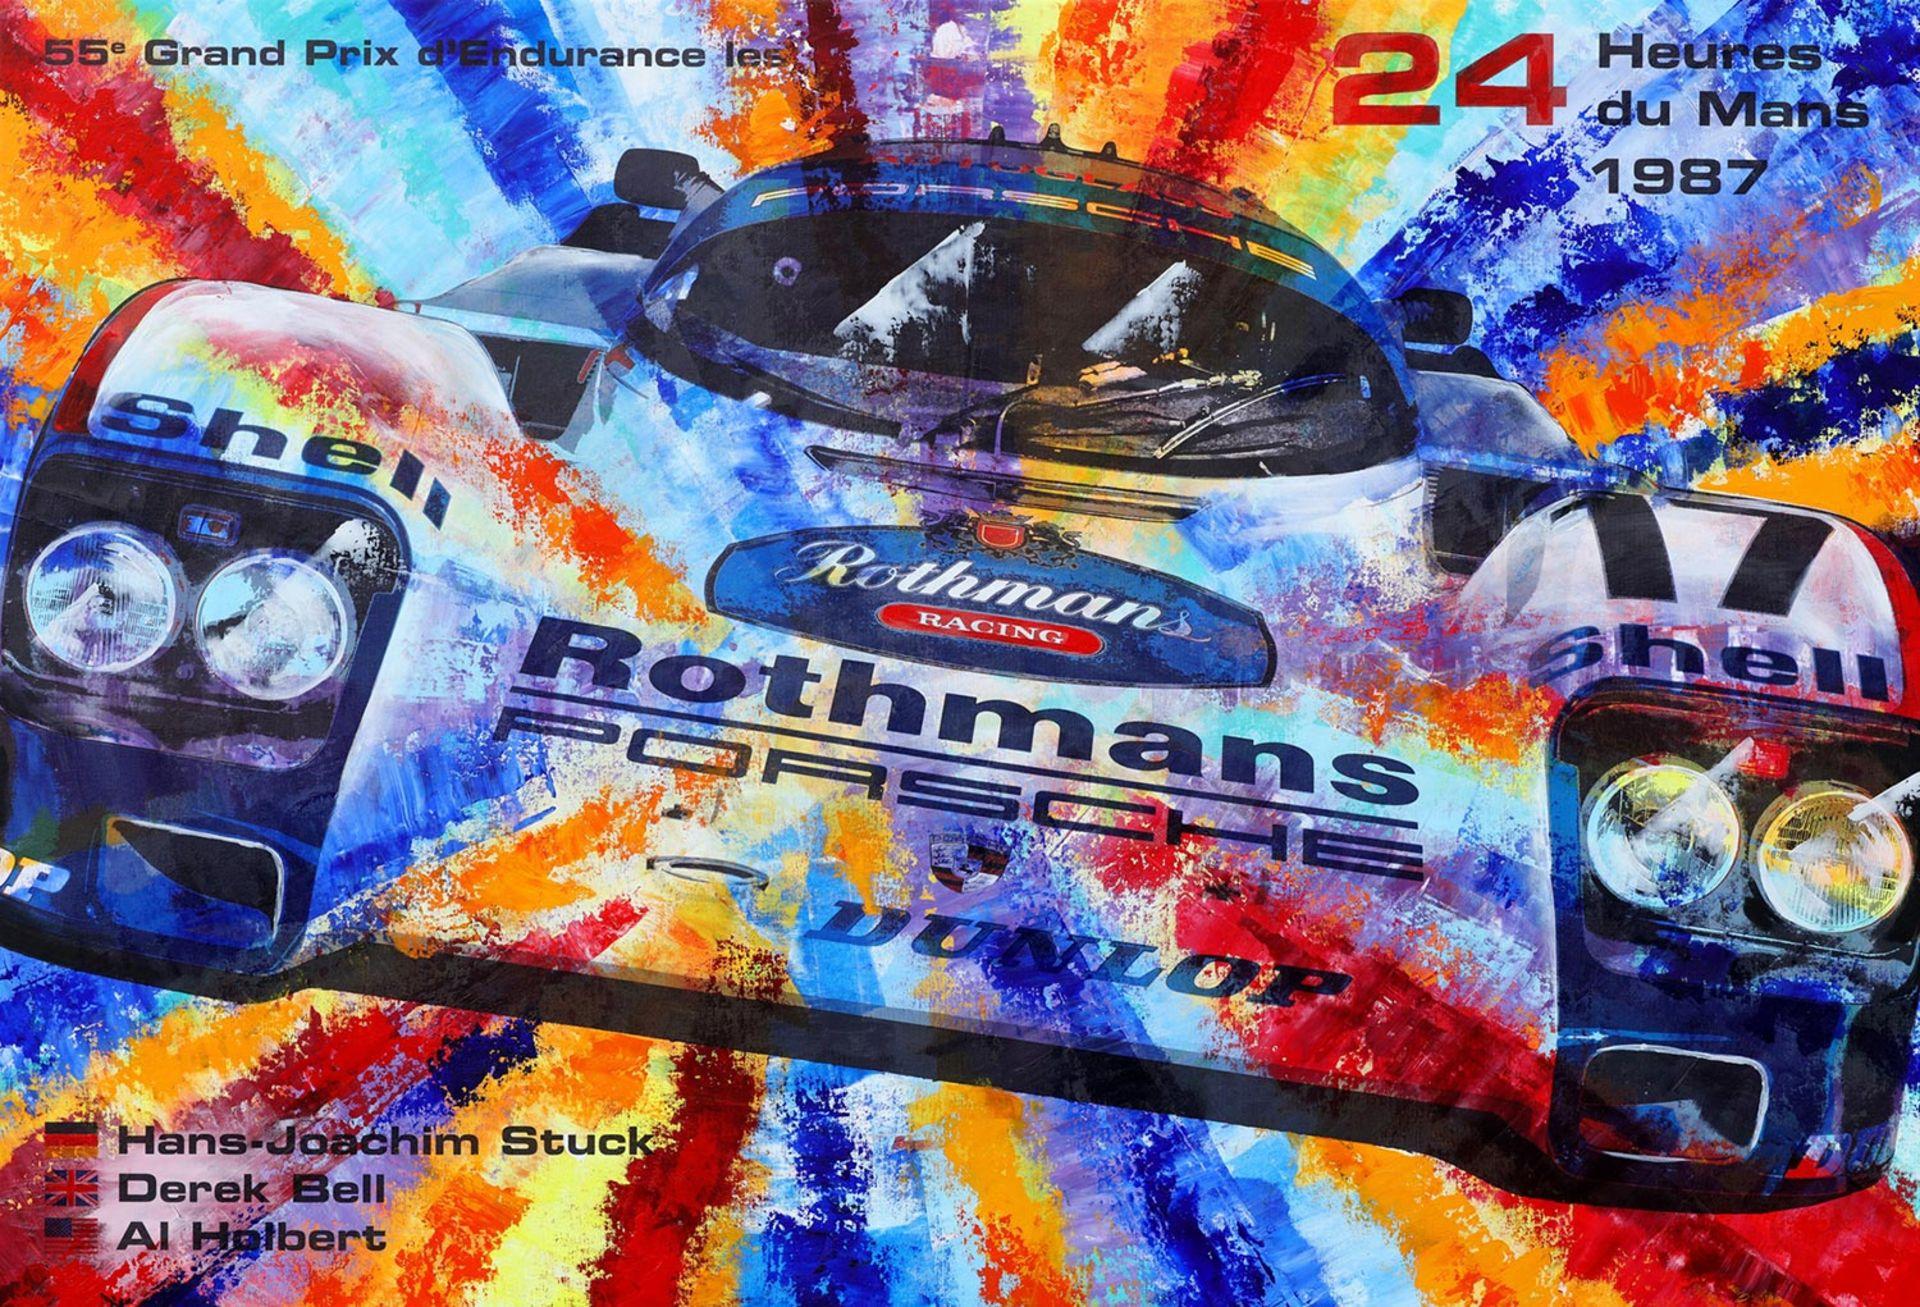 Los 2 - LE MANS 1987 Beschreibung Galeriepreis / Wert: 5280,00€ Popart-Kunstwerk Format: 160 x 110 cm auf 45